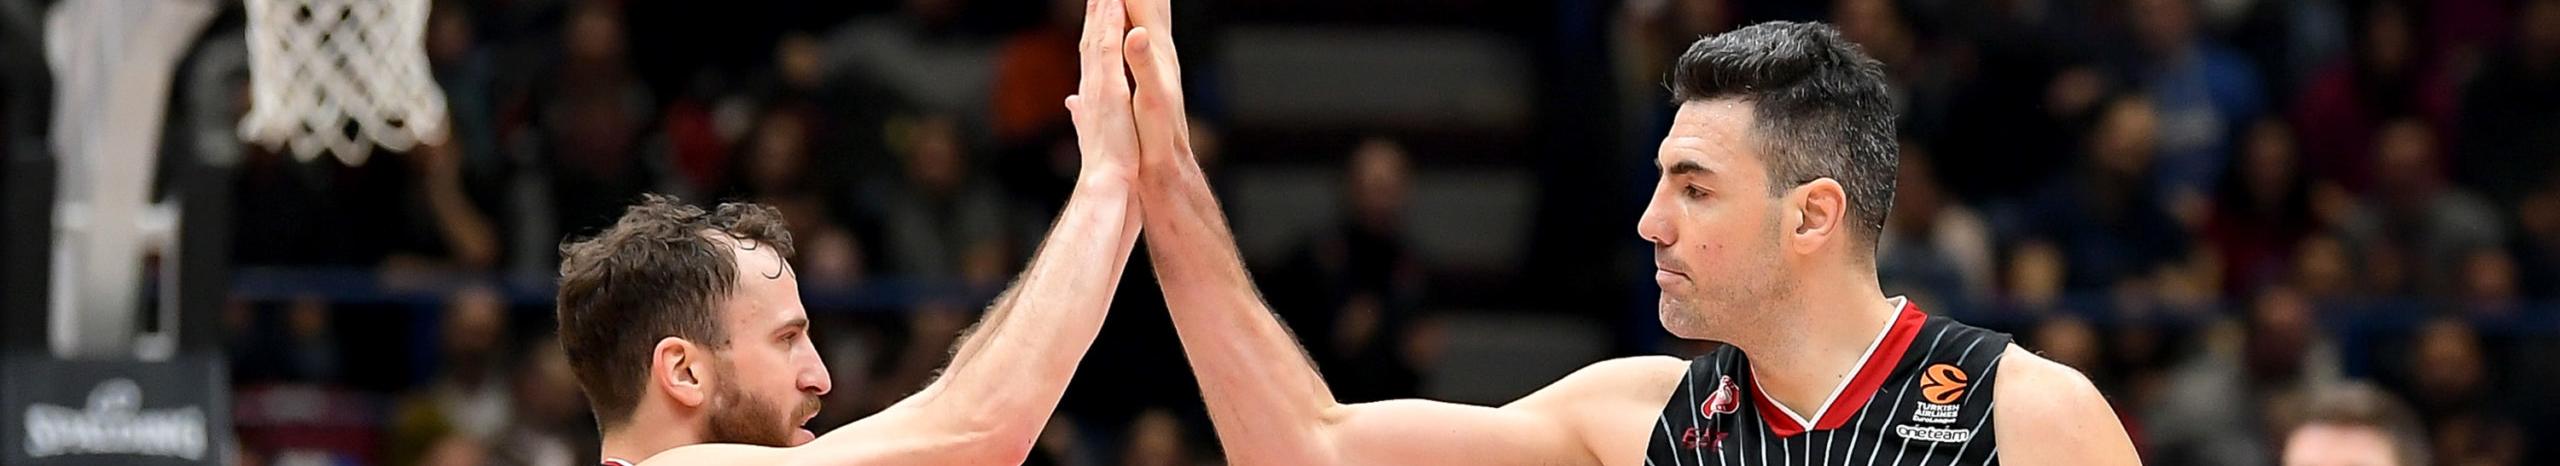 Milano-Treviso, dopo il successo in EuroLega l'Olimpia vuole riprendere alla grande anche in campionato